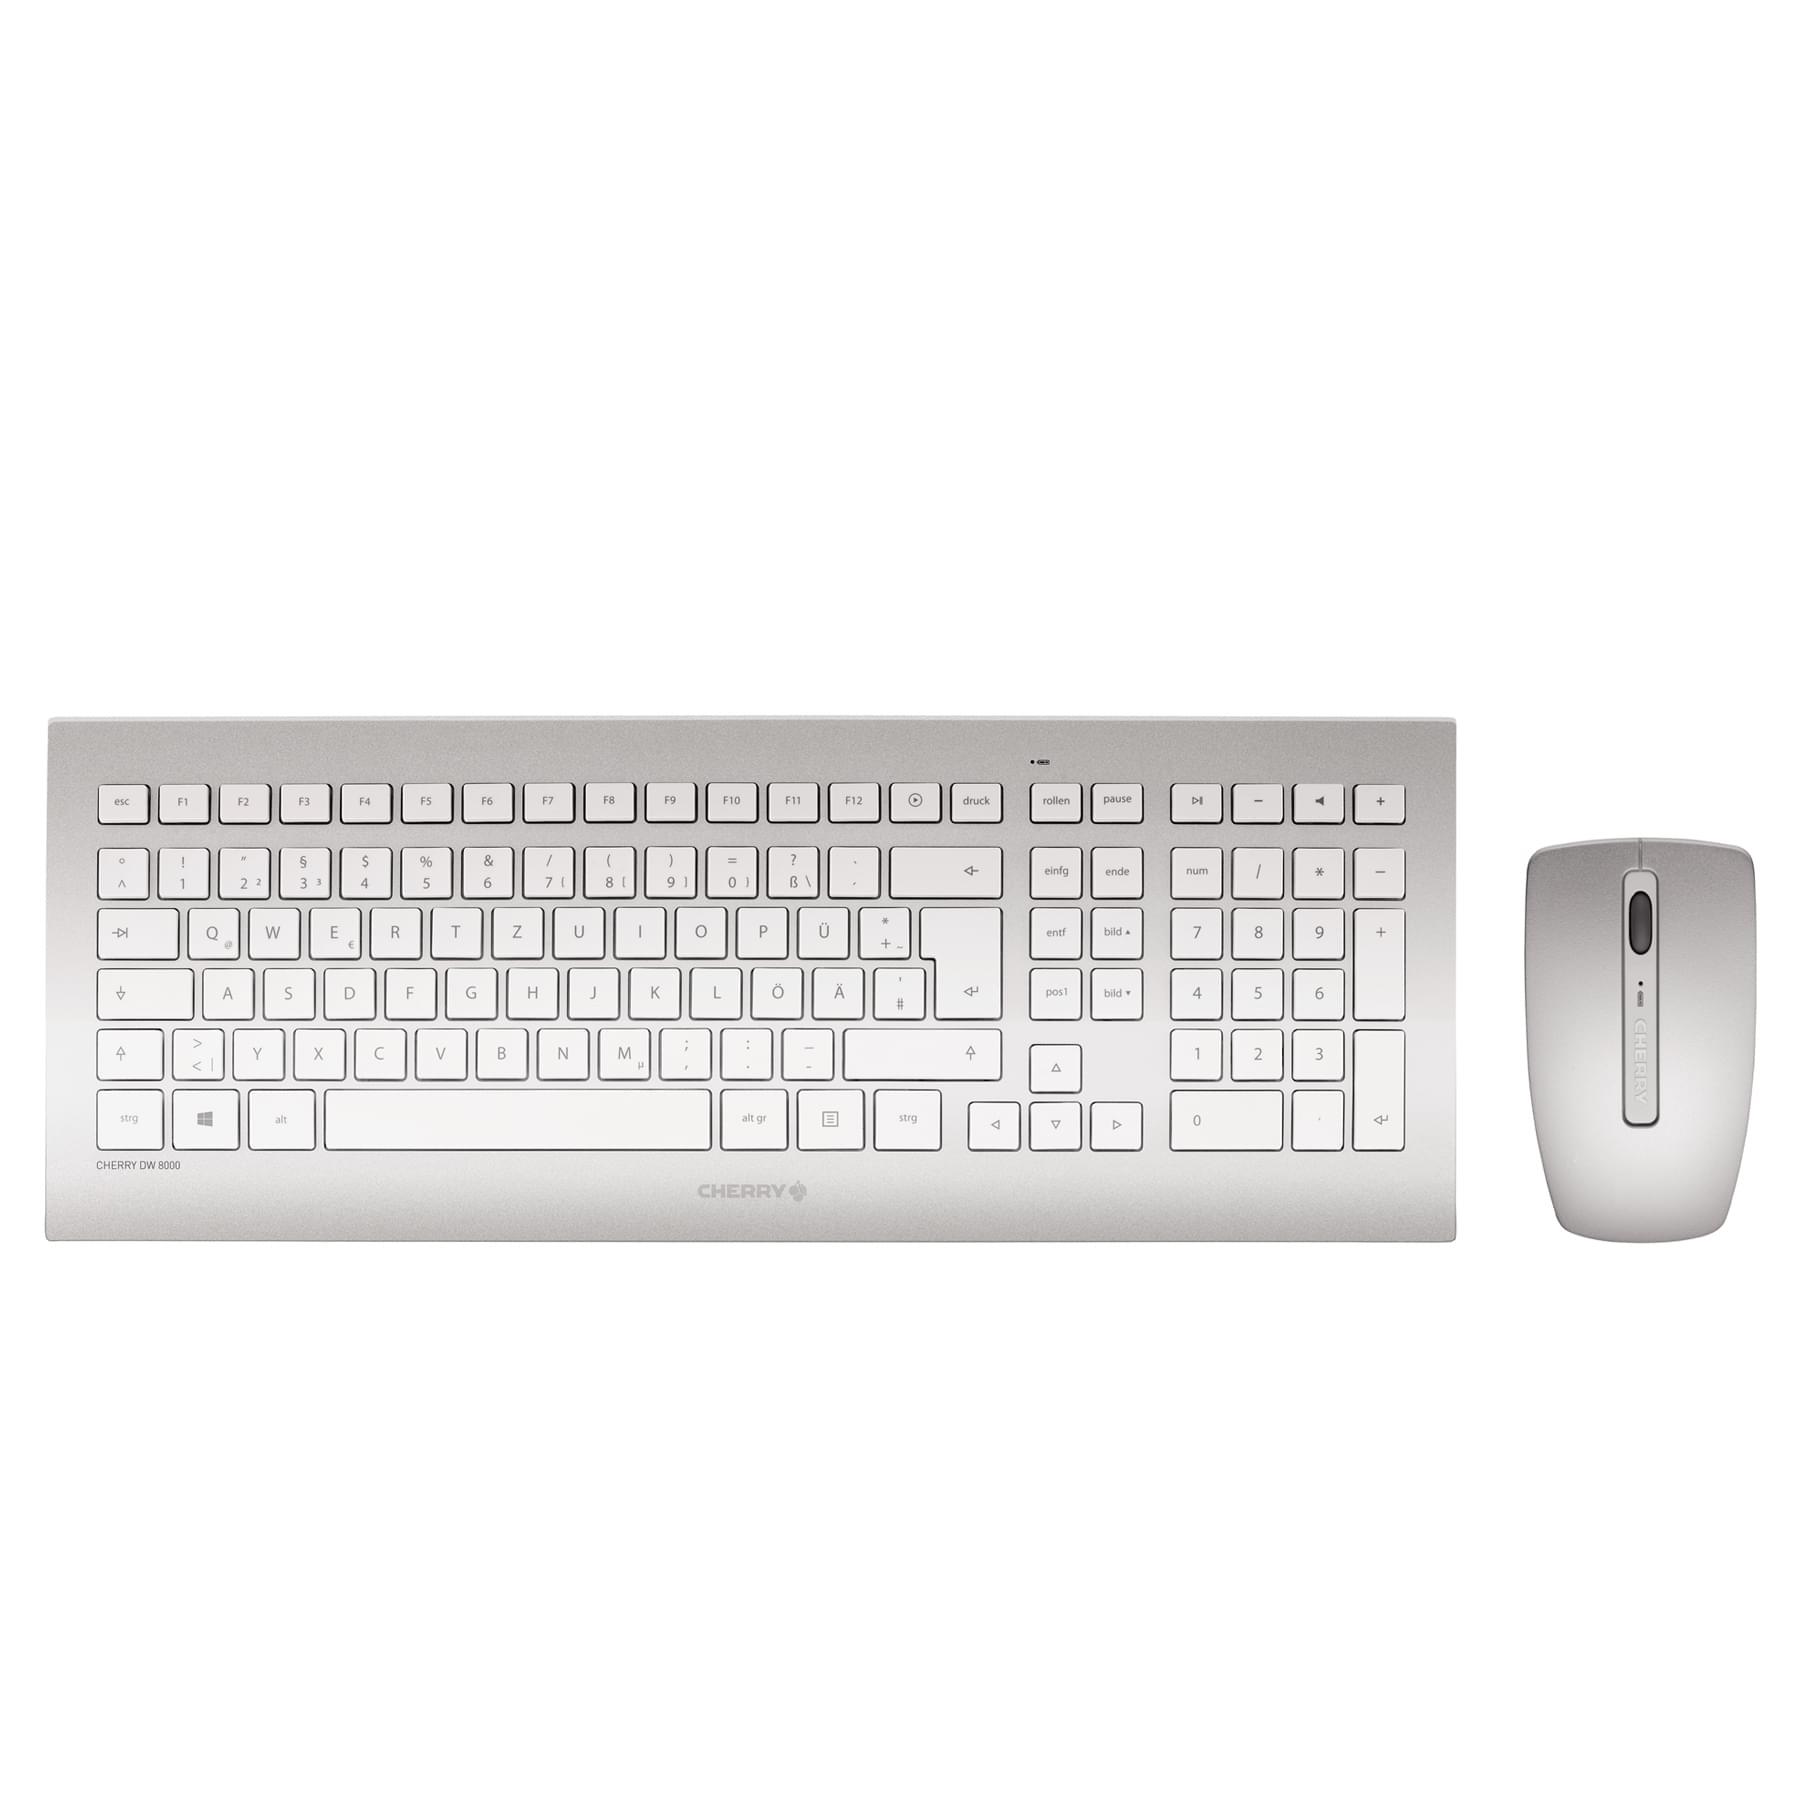 Cherry DW 8000 (blanc/silver) (JD-0300FR-) - Achat / Vente Pack Clavier/Souris sur Cybertek.fr - 0